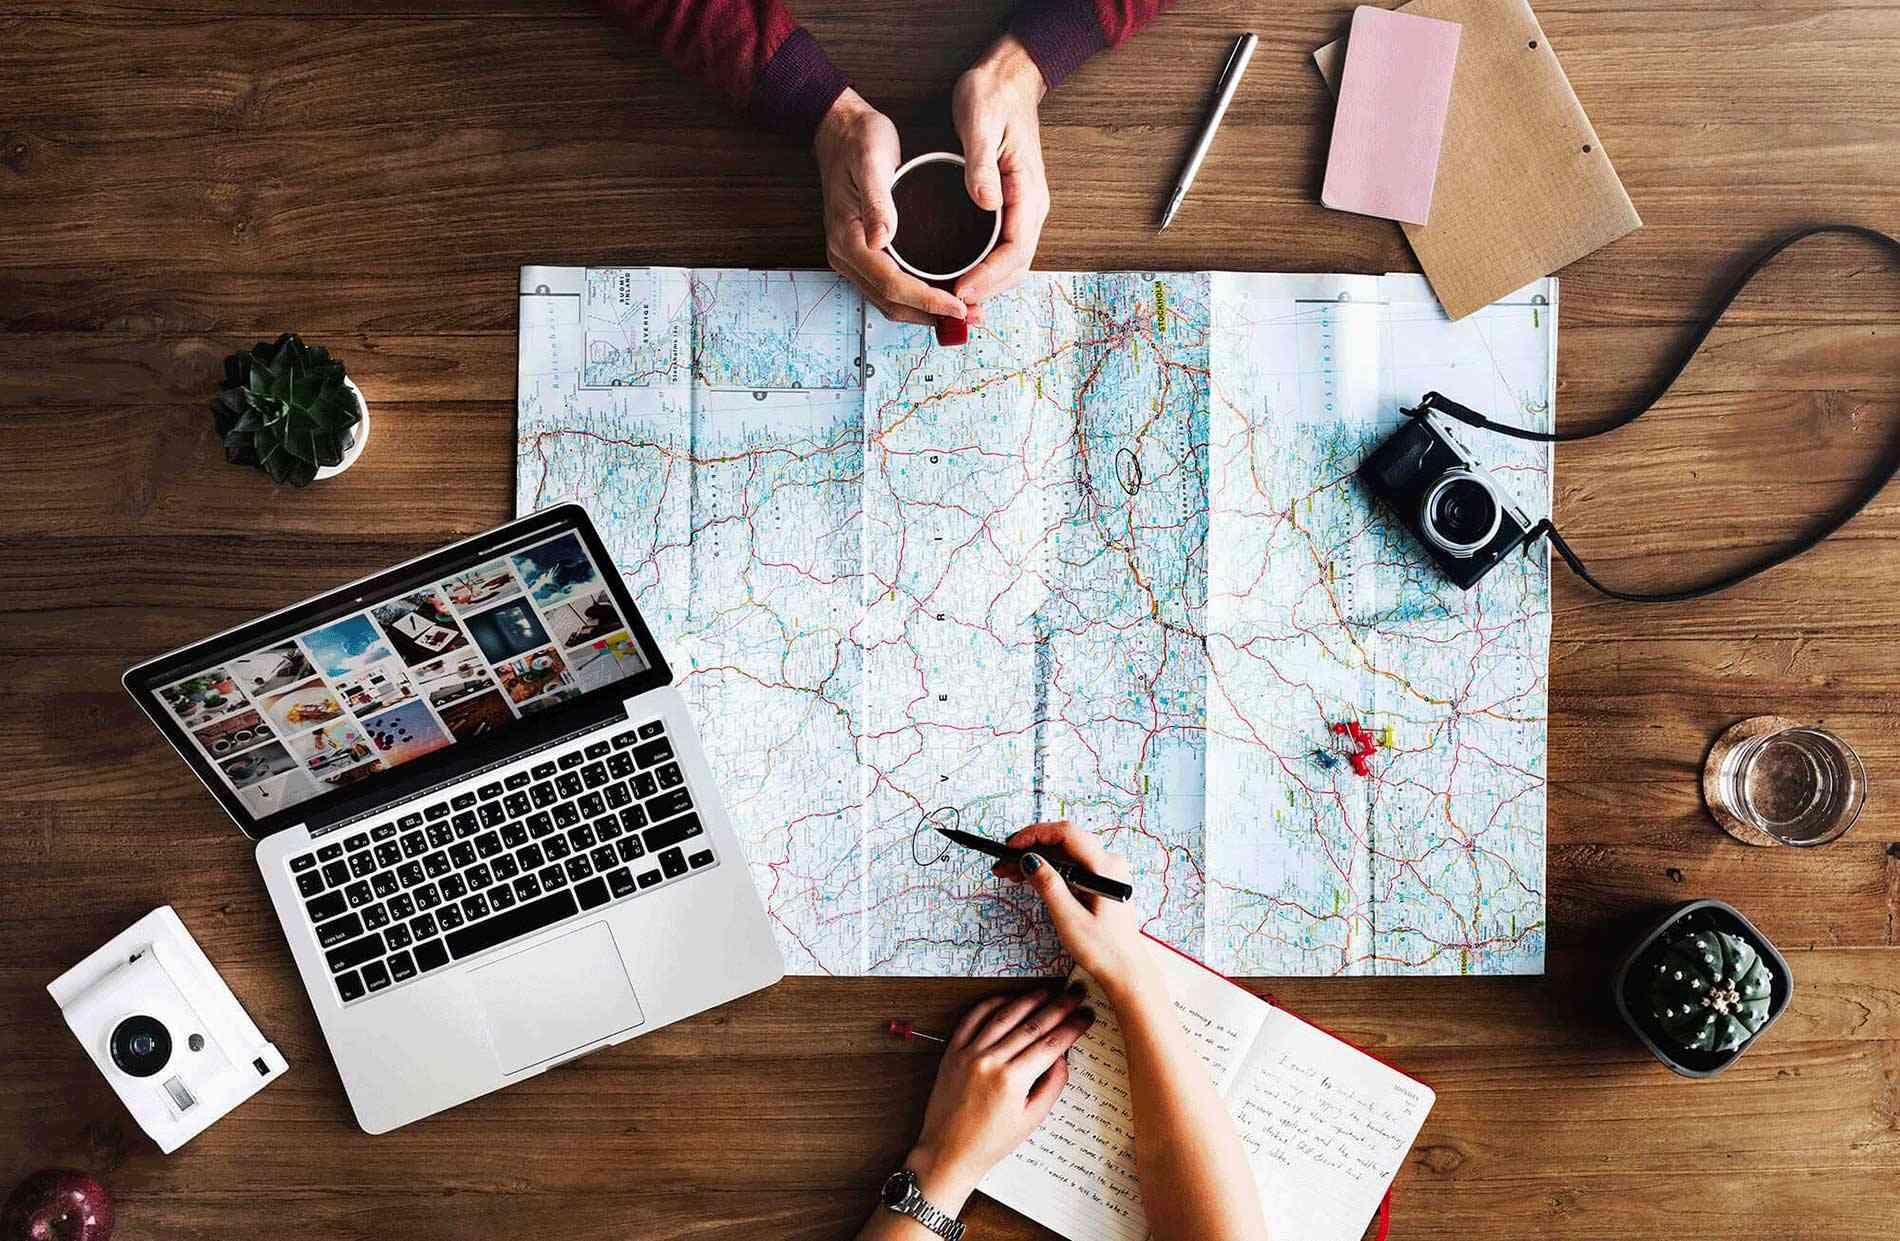 google-maps-business-api-site-internet